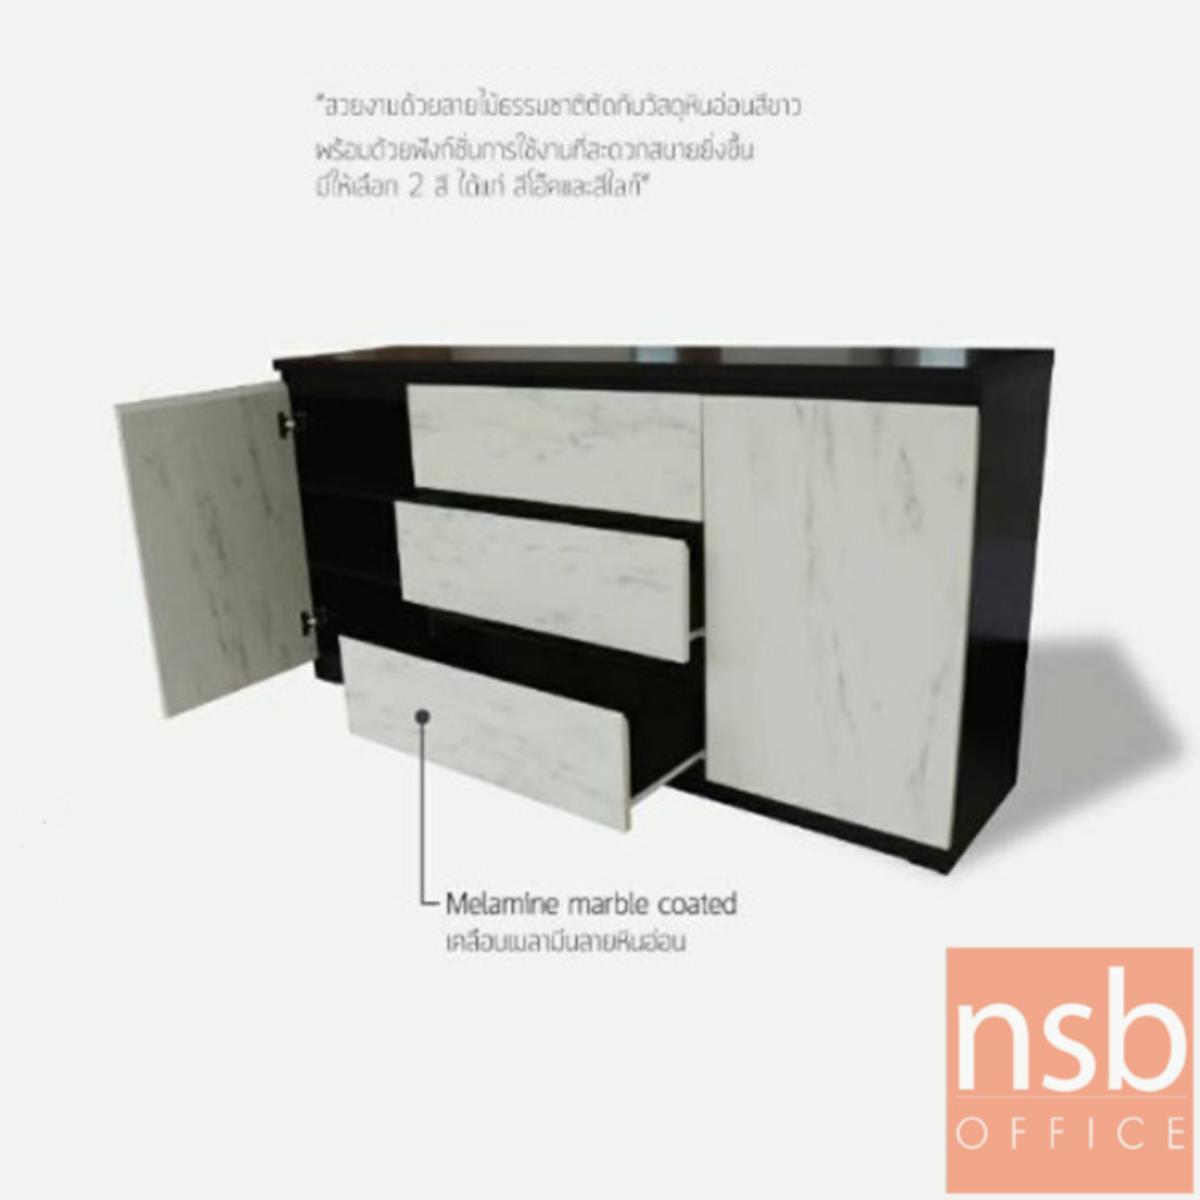 ตู้วางทีวีลายหินอ่อน 3 ลิ้นชัก 2 บานเปิด  รุ่น Rainart (เรนนาร์ต) ขนาด 160W*80H cm.  เมลามีน